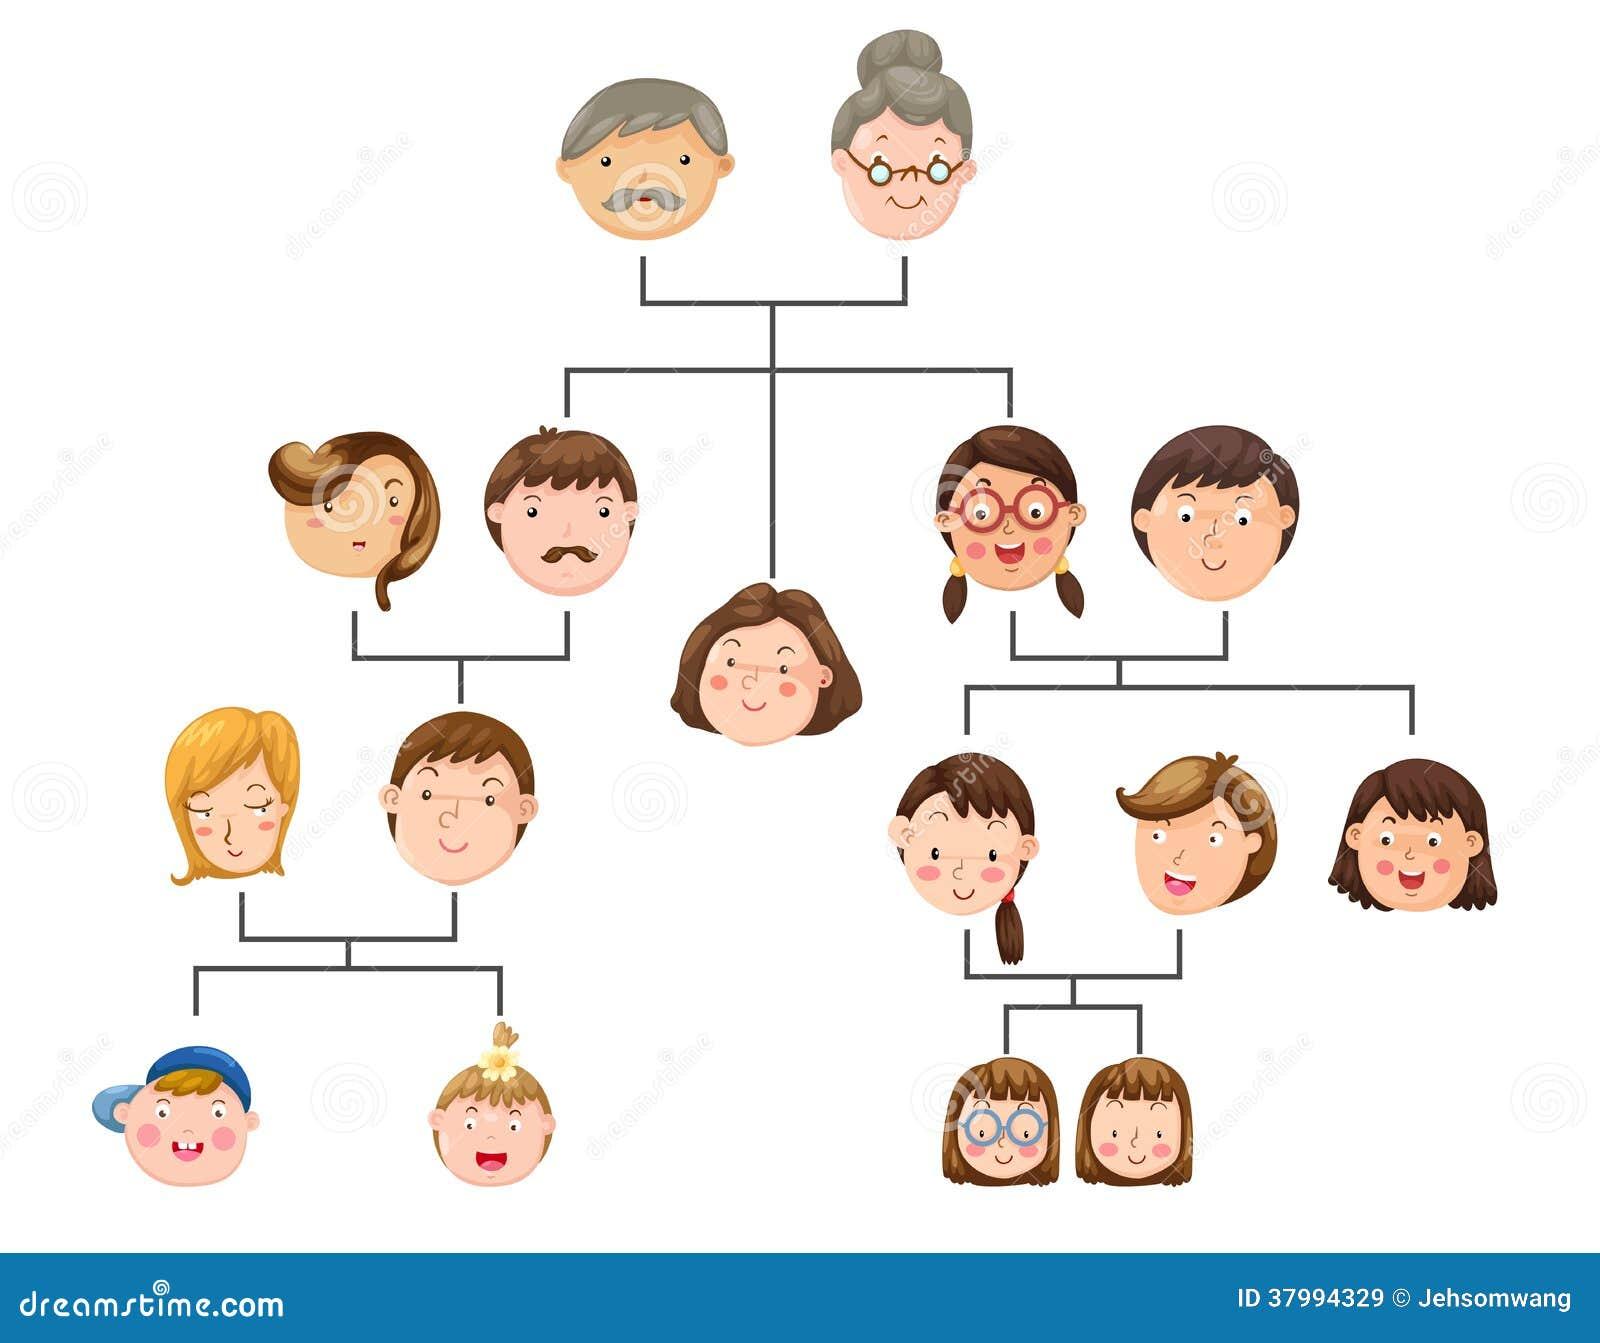 La Familia Workshet In Spanish 06 - La Familia Workshet In Spanish